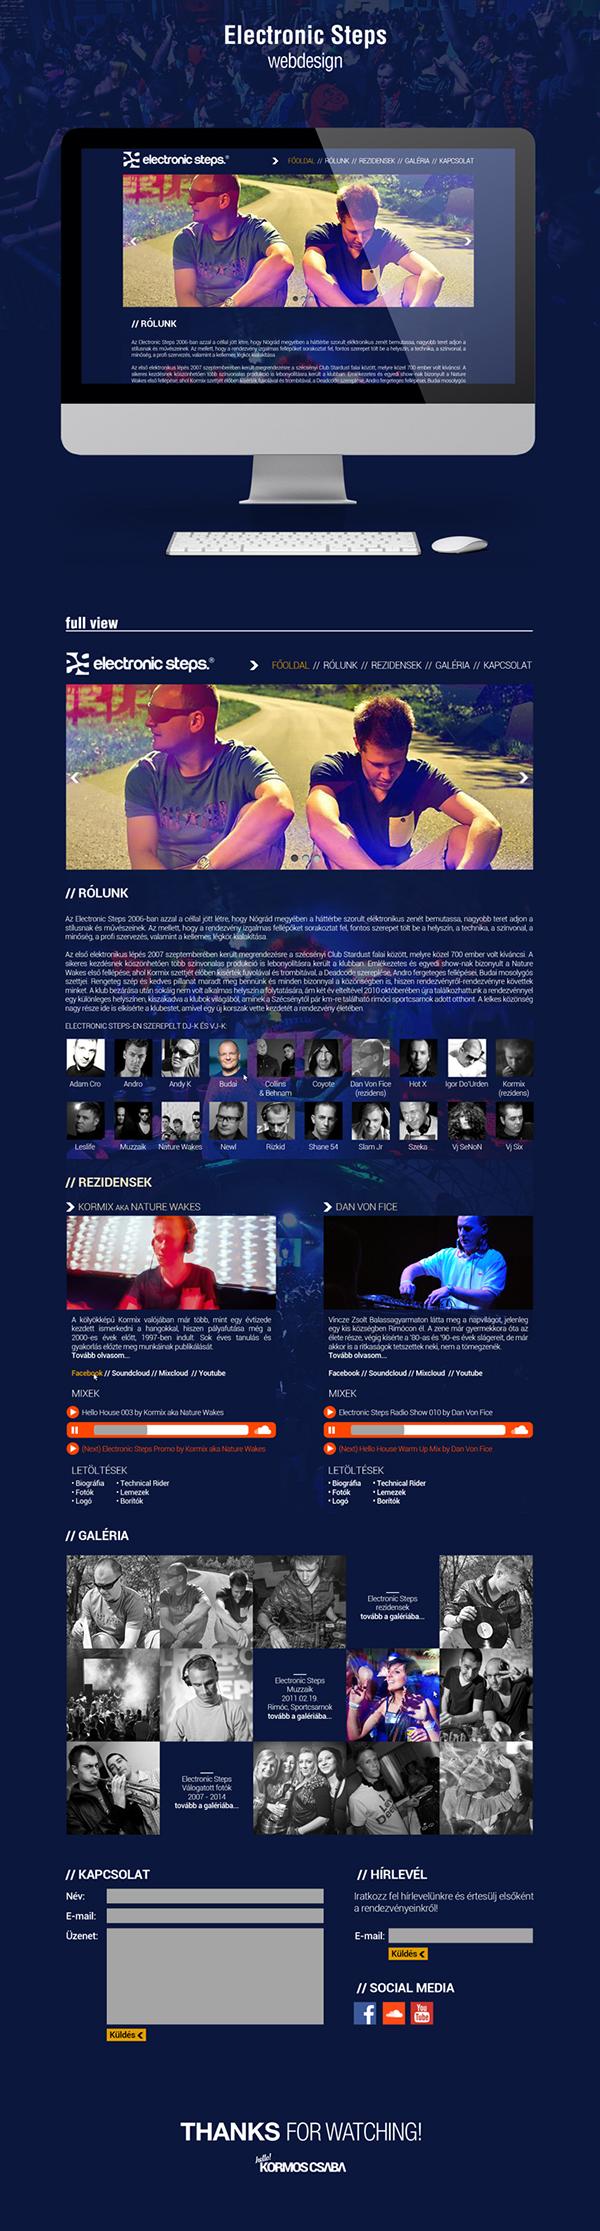 Webdesign party mix Label festival electronic steps andro budai shane54 muzzaik weboldal photo